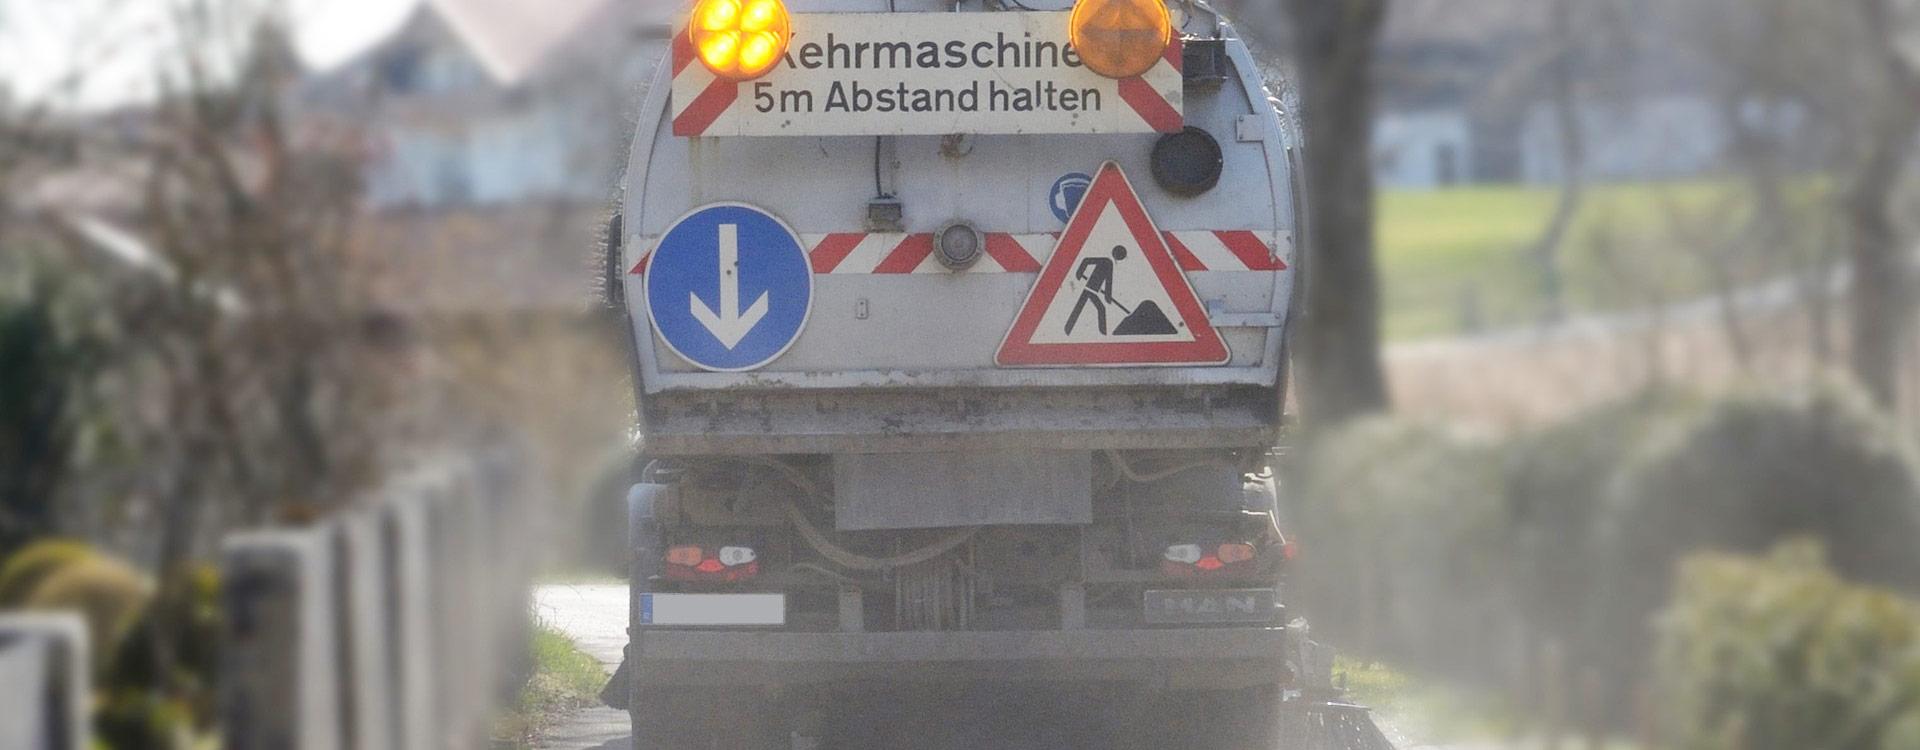 Nemmer Transport GbmH in Miltach im Landkreis Cham